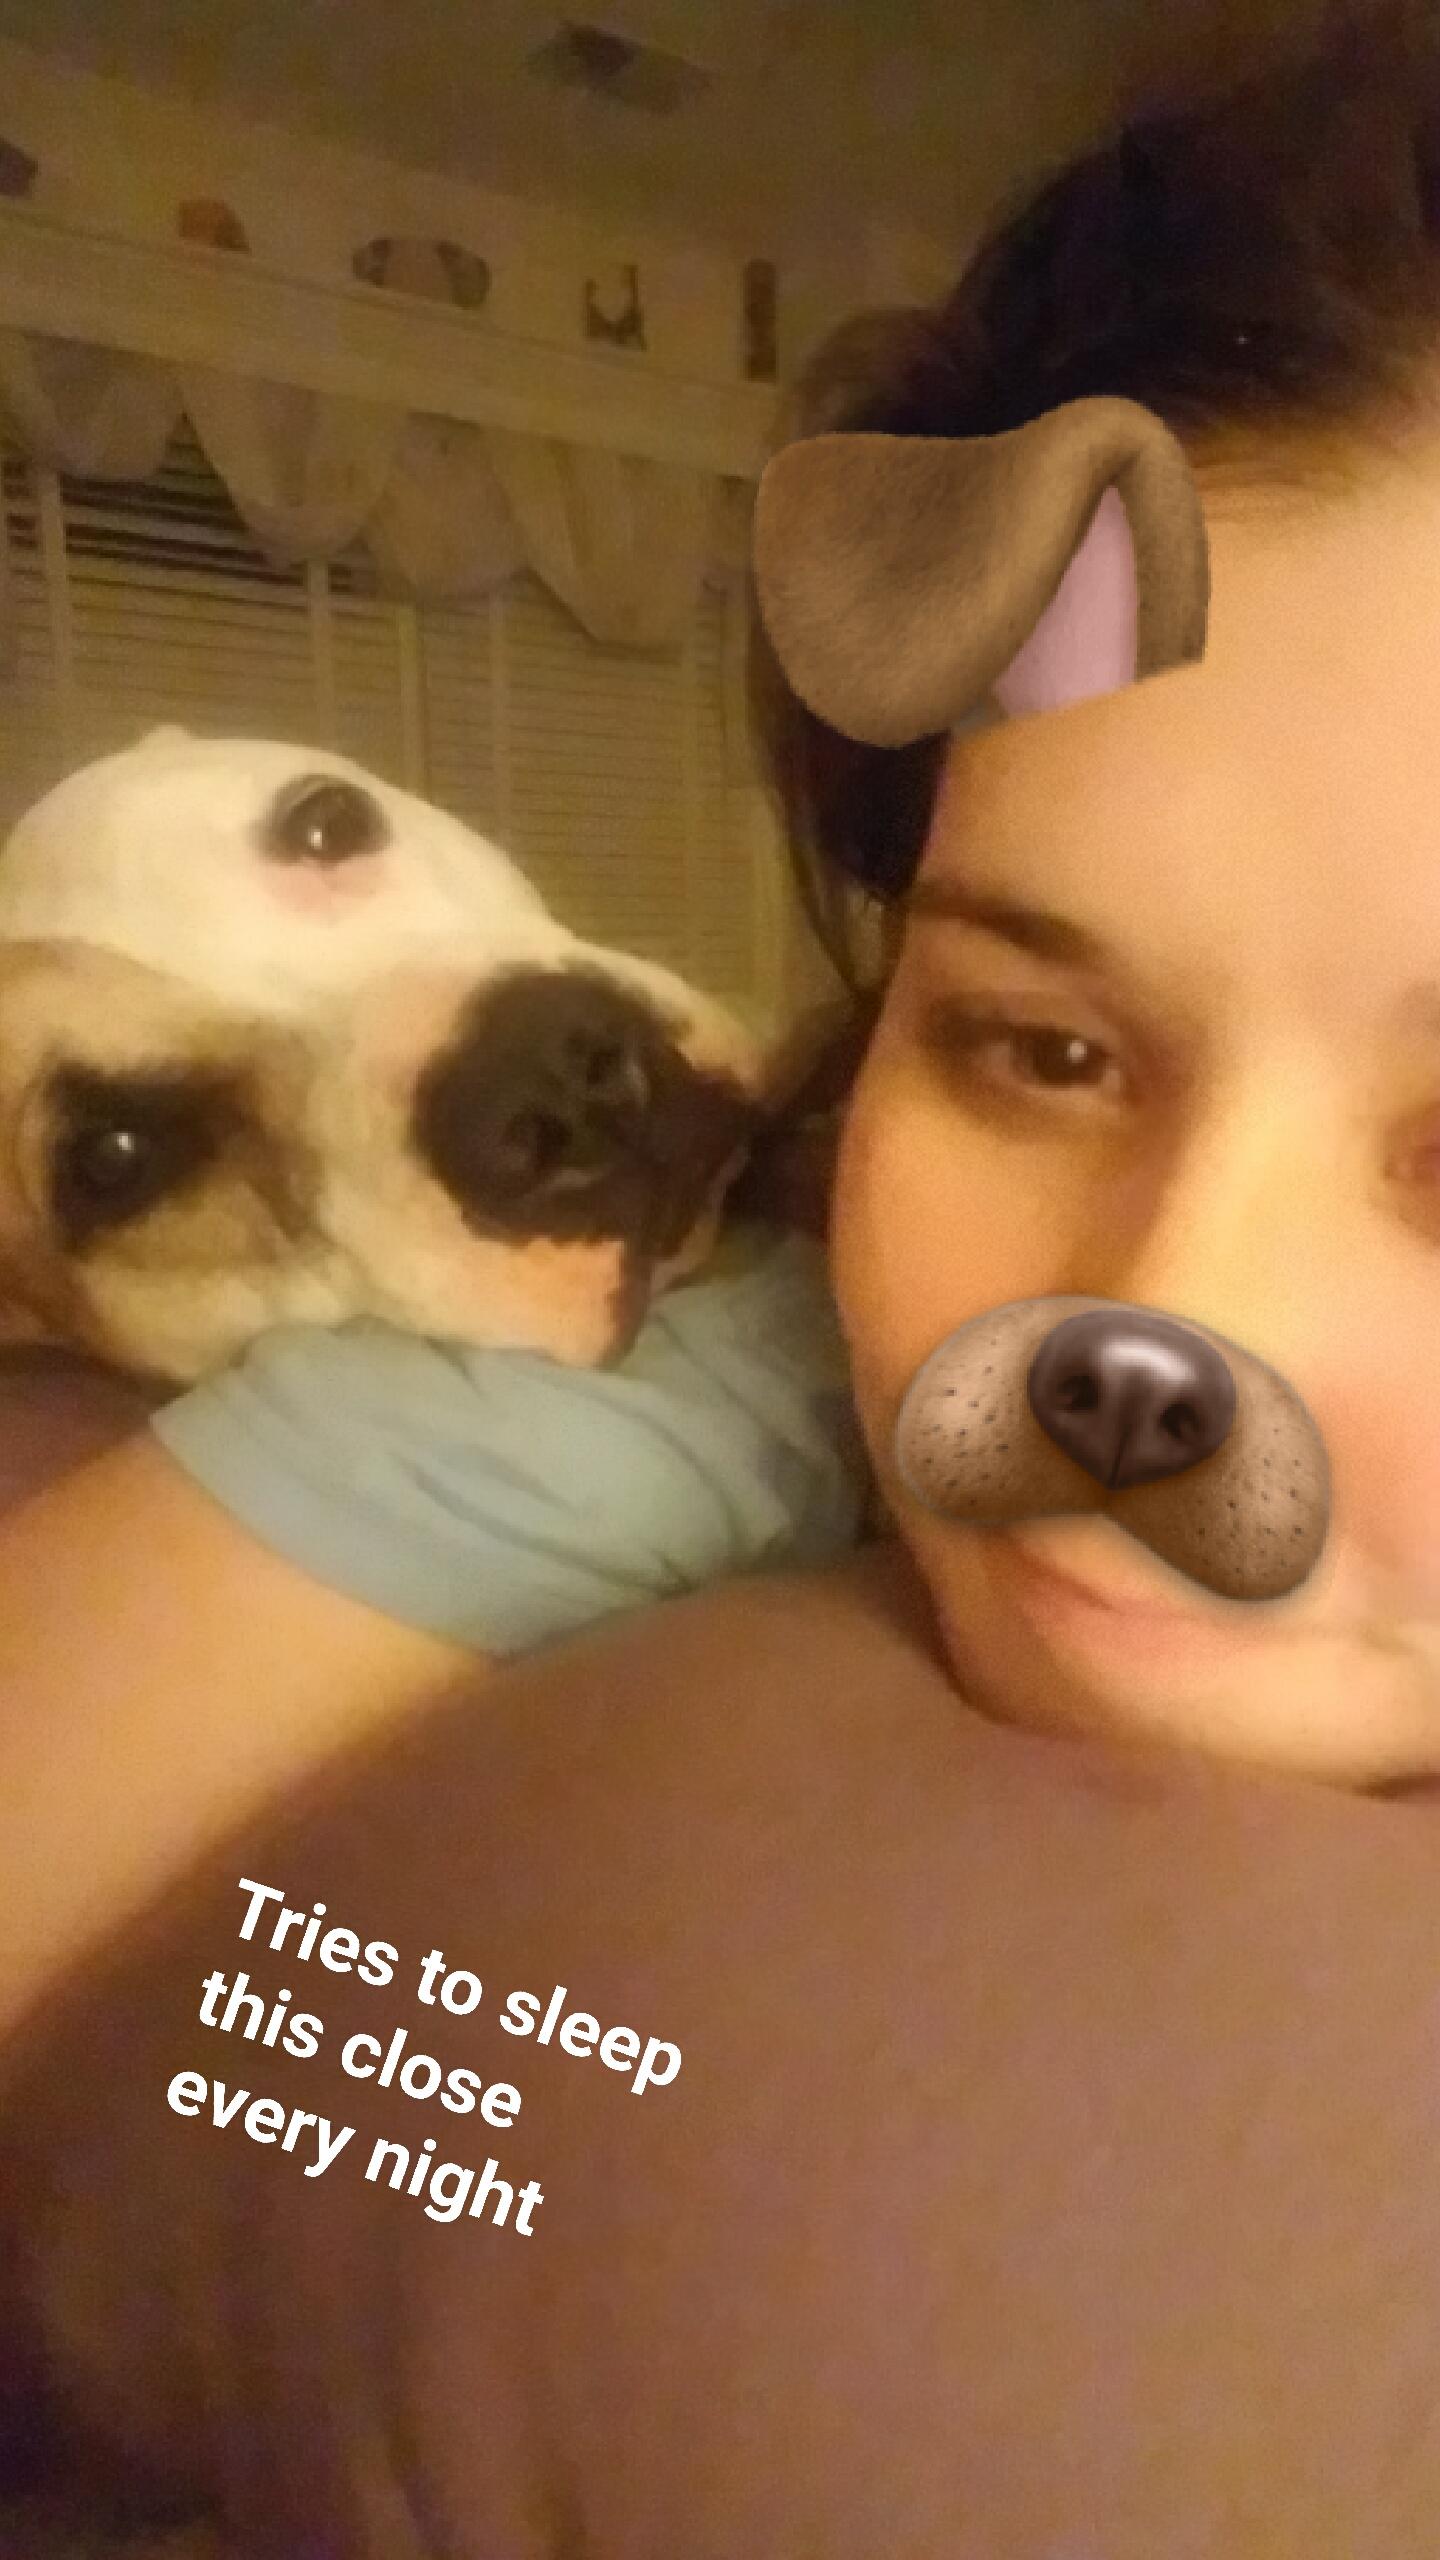 tyson-Snapchat-1969901033.jpg